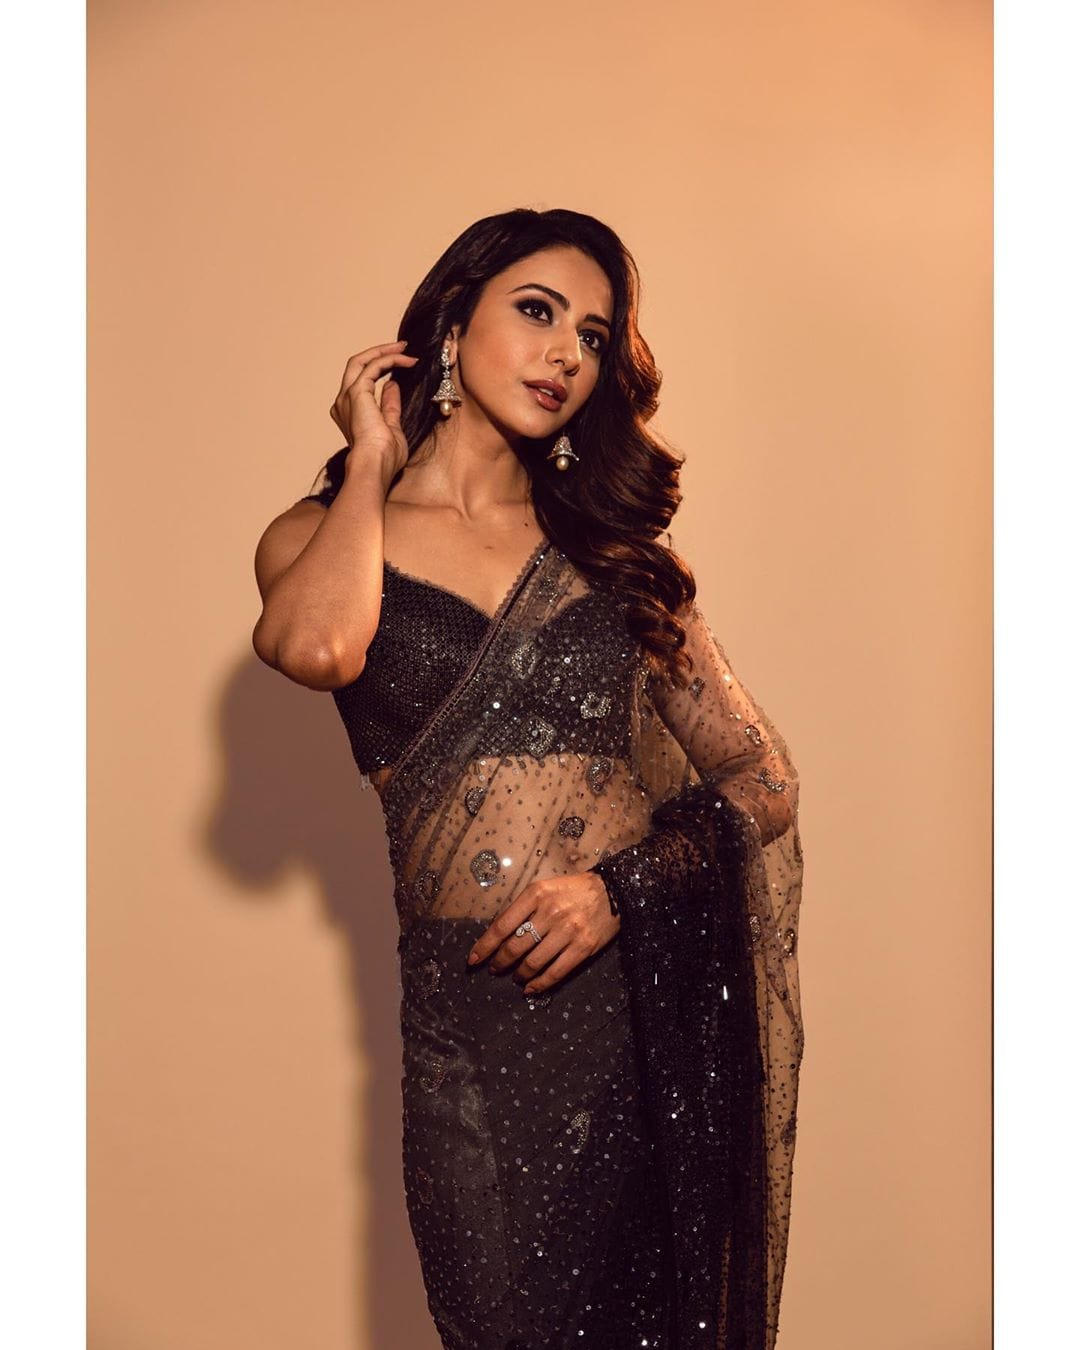 రకుల్ ప్రీత్ సింగ్ (Photo: rakulpreet/Instagram)